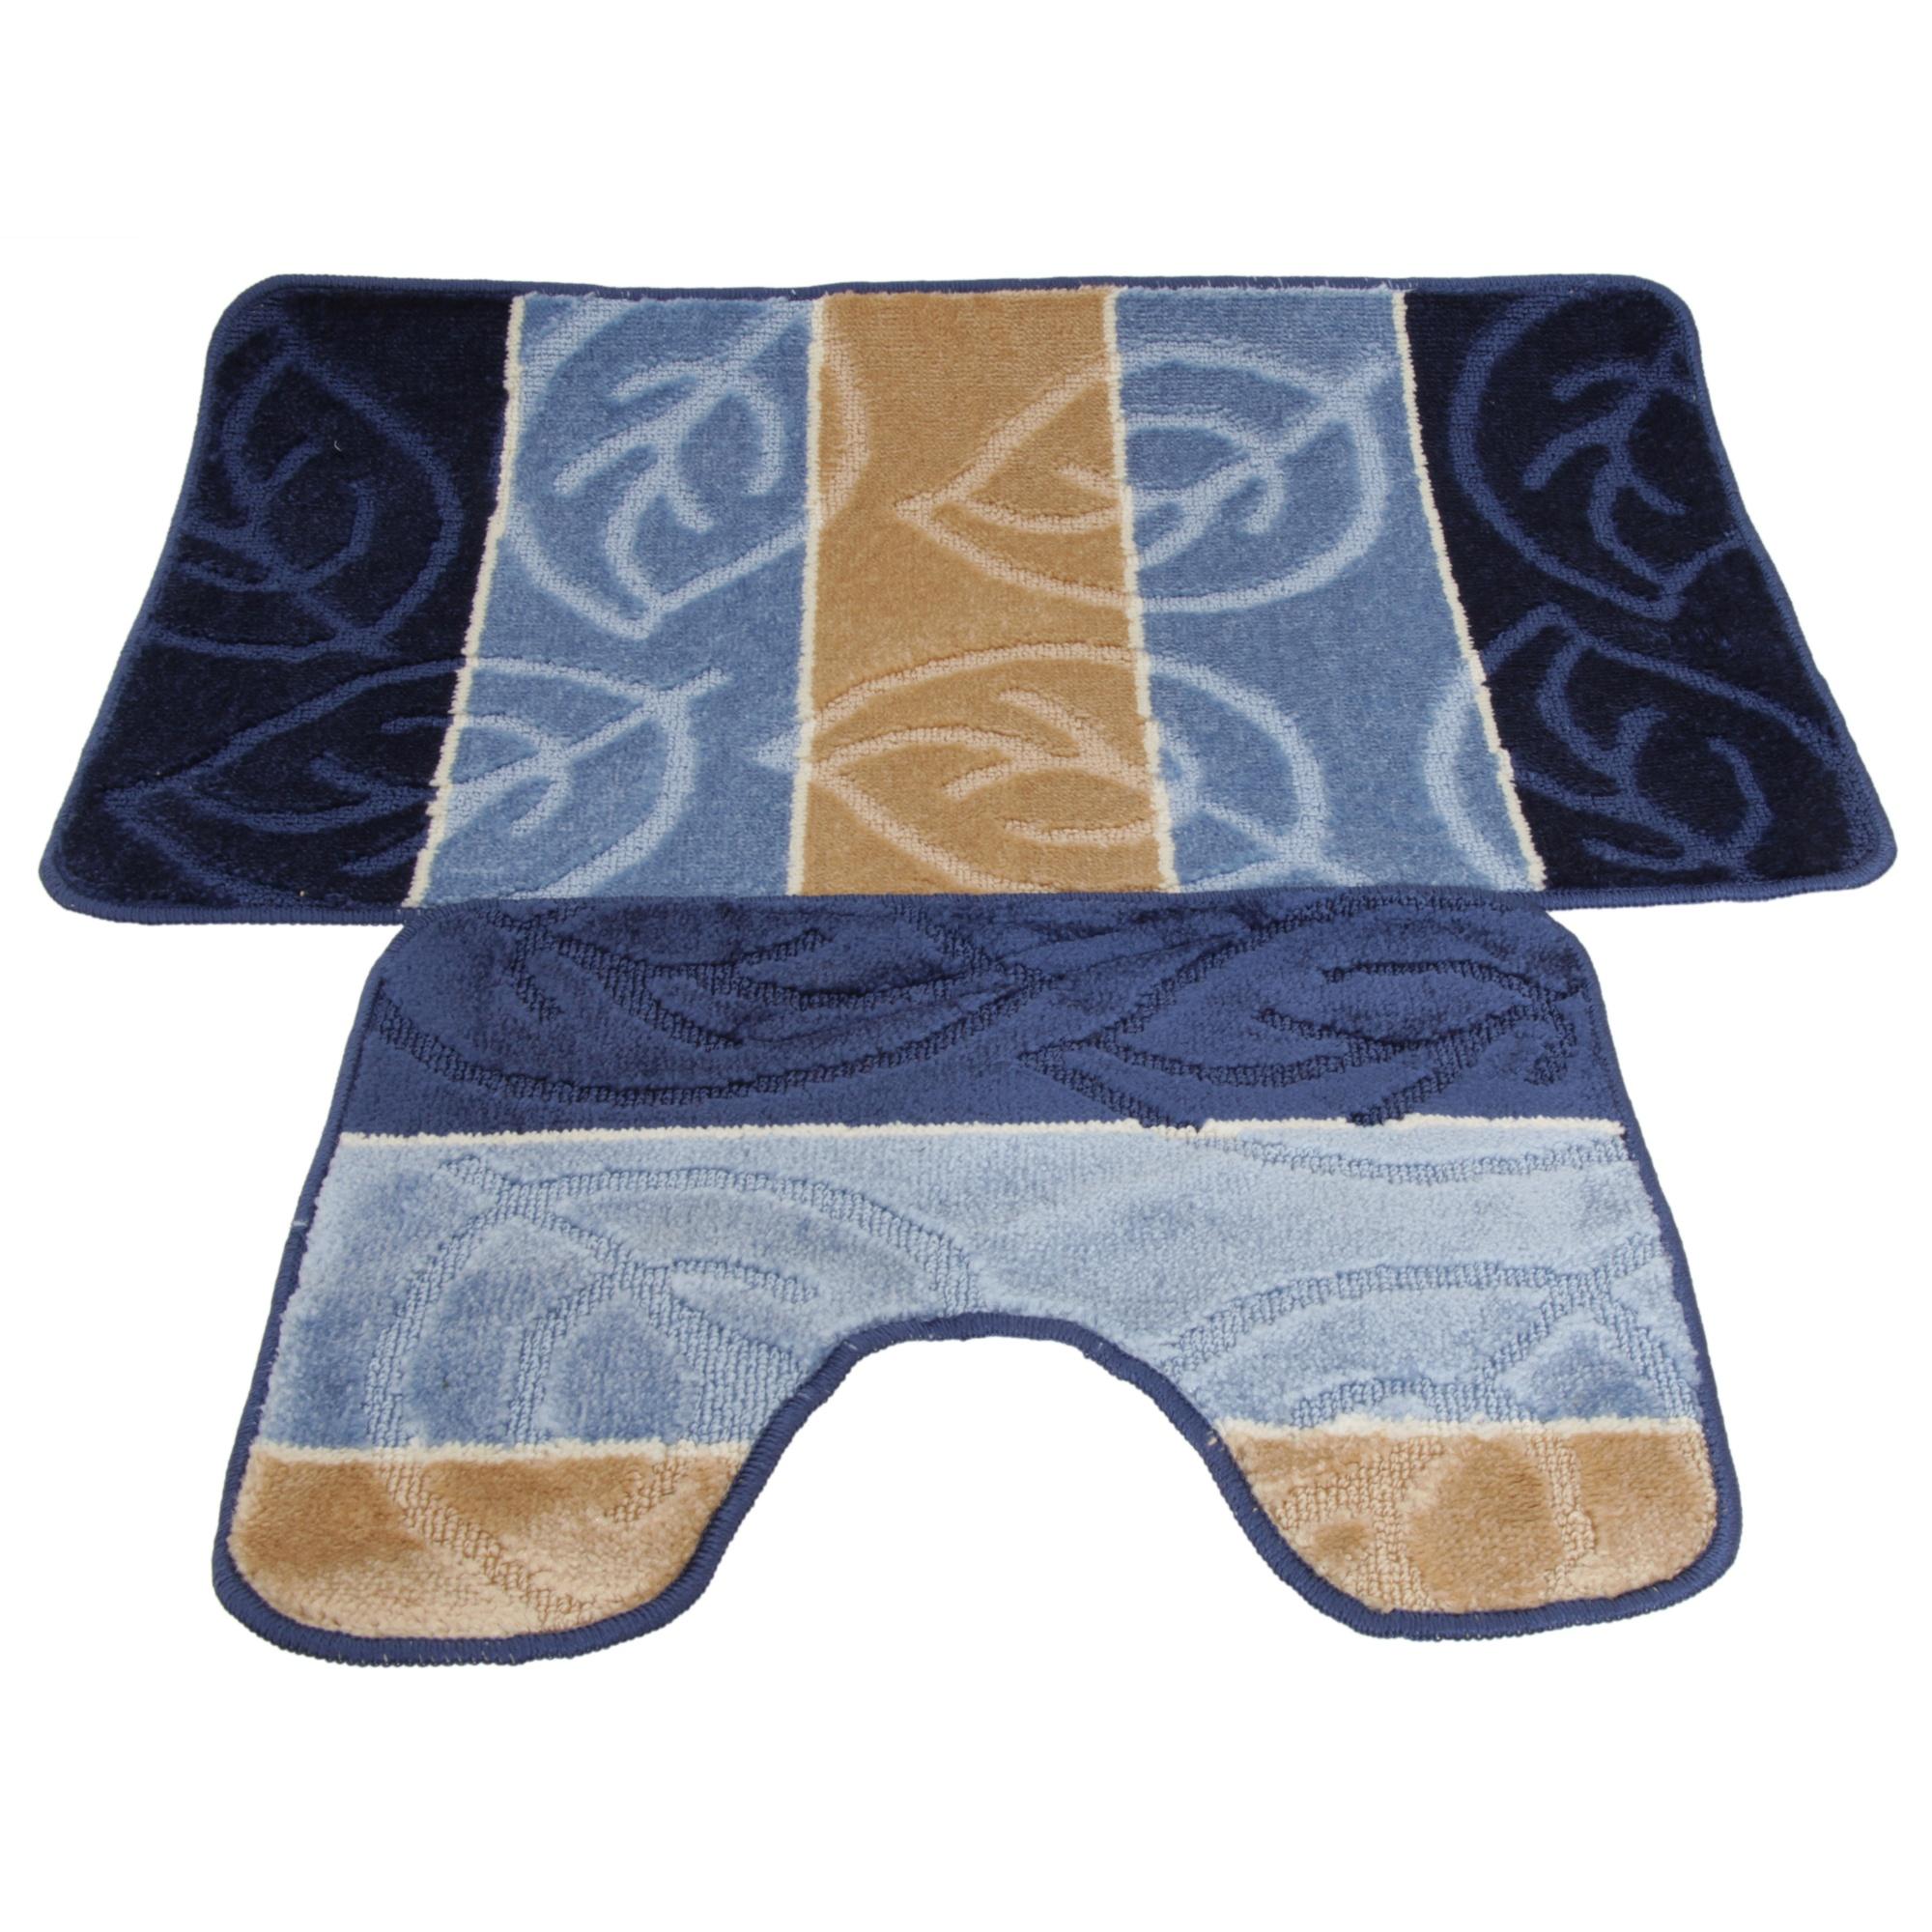 2 Piece Leaf Design Bath Mat And Pedestal Mat Set (5 Options) (BR190 on leaf design curtains, leaf design sheets, leaf design furniture, leaf design rugs,